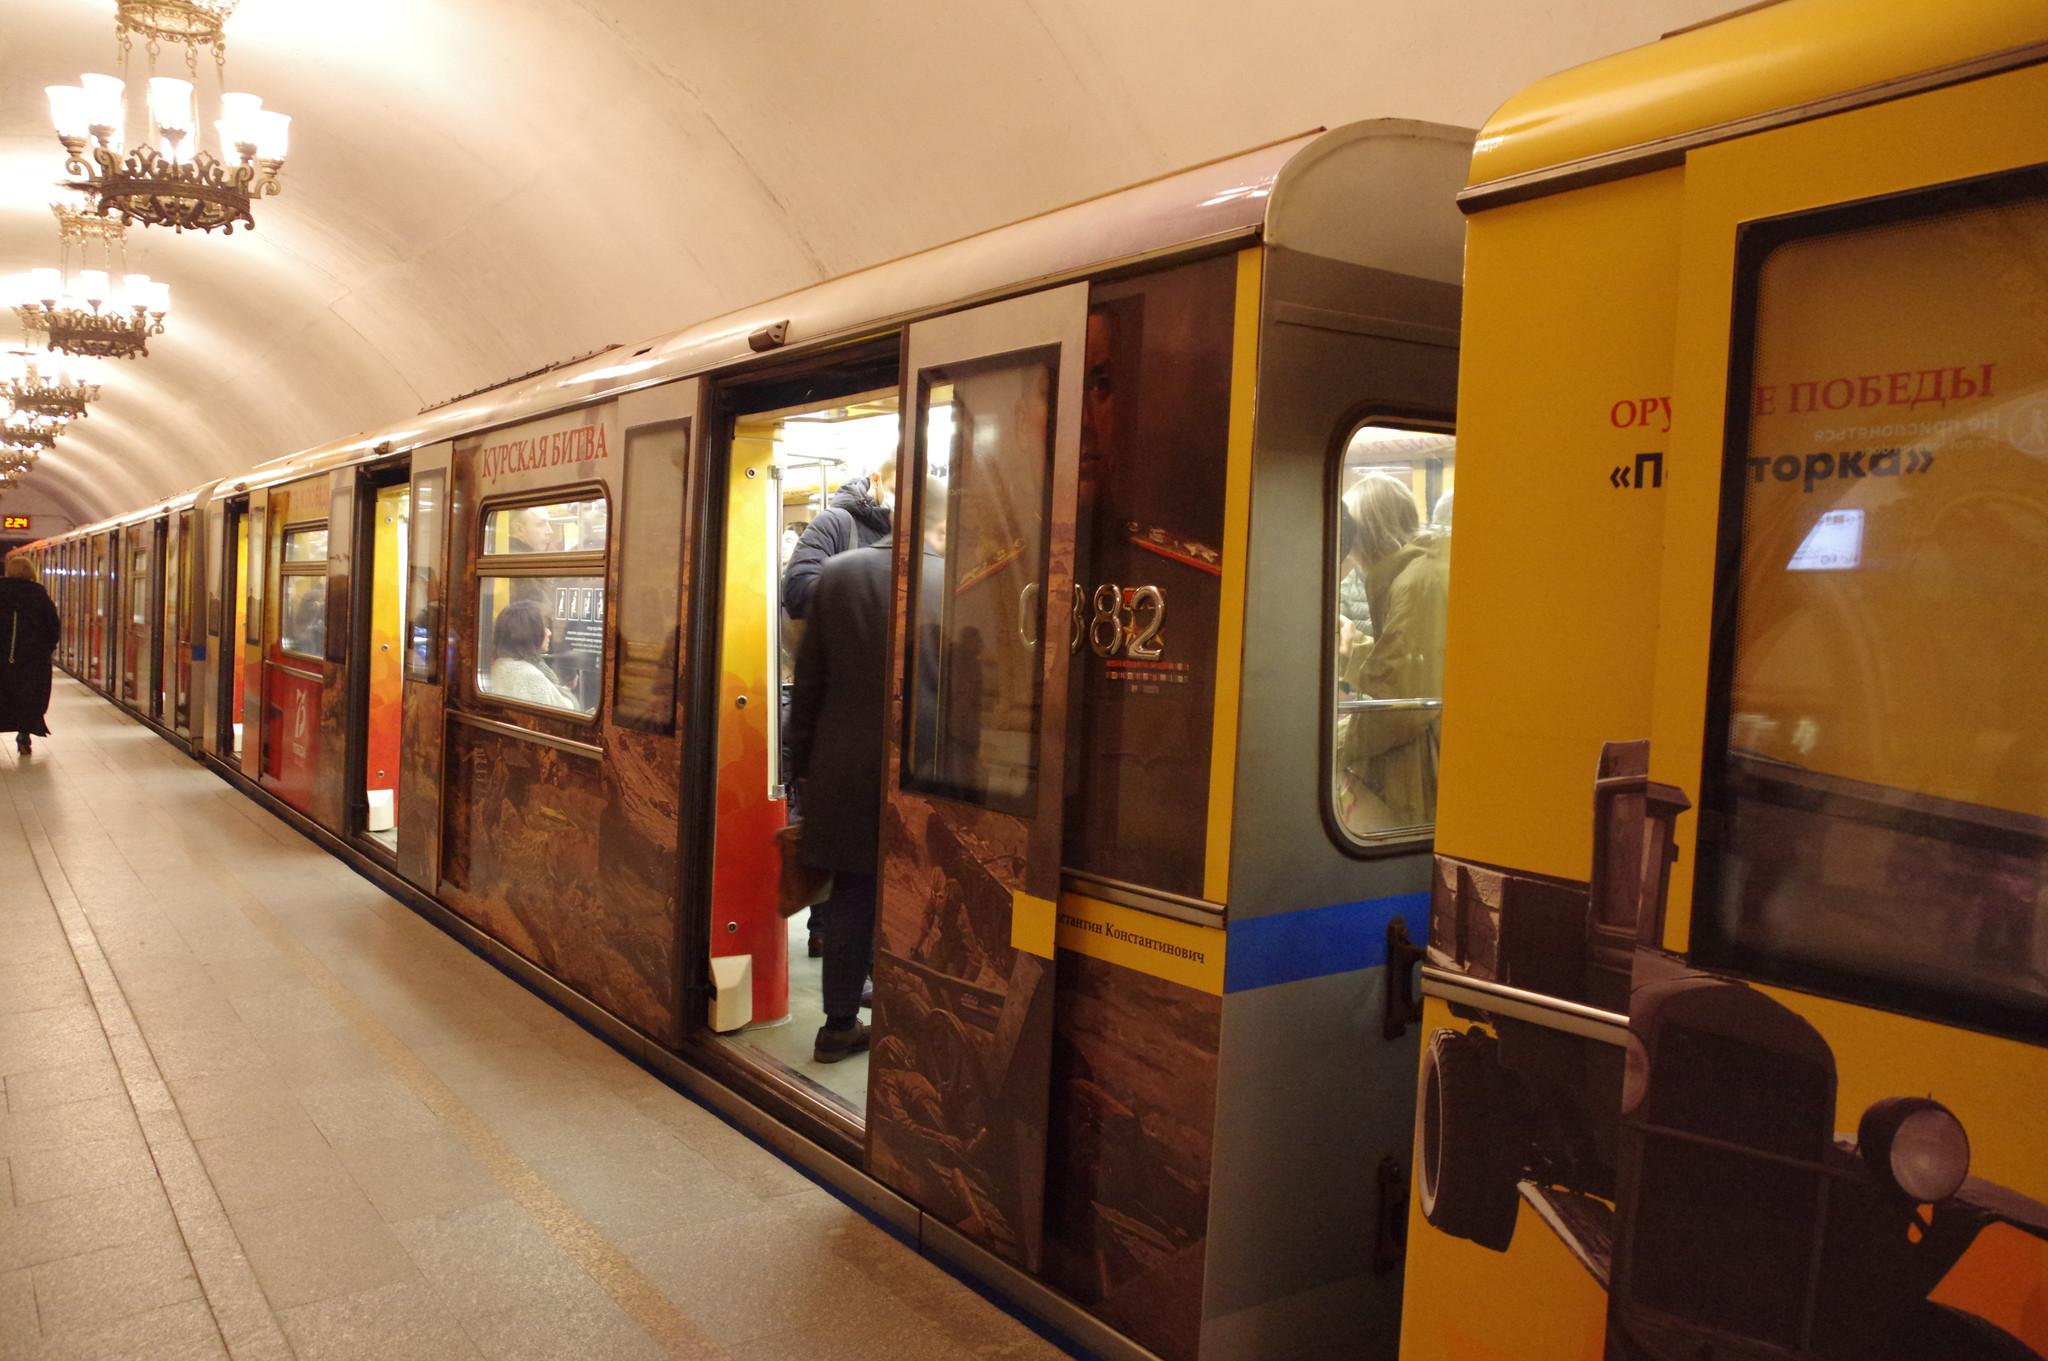 Тематический поезд «Путь к Победе» на Кольцевой линии Московского метрополитена